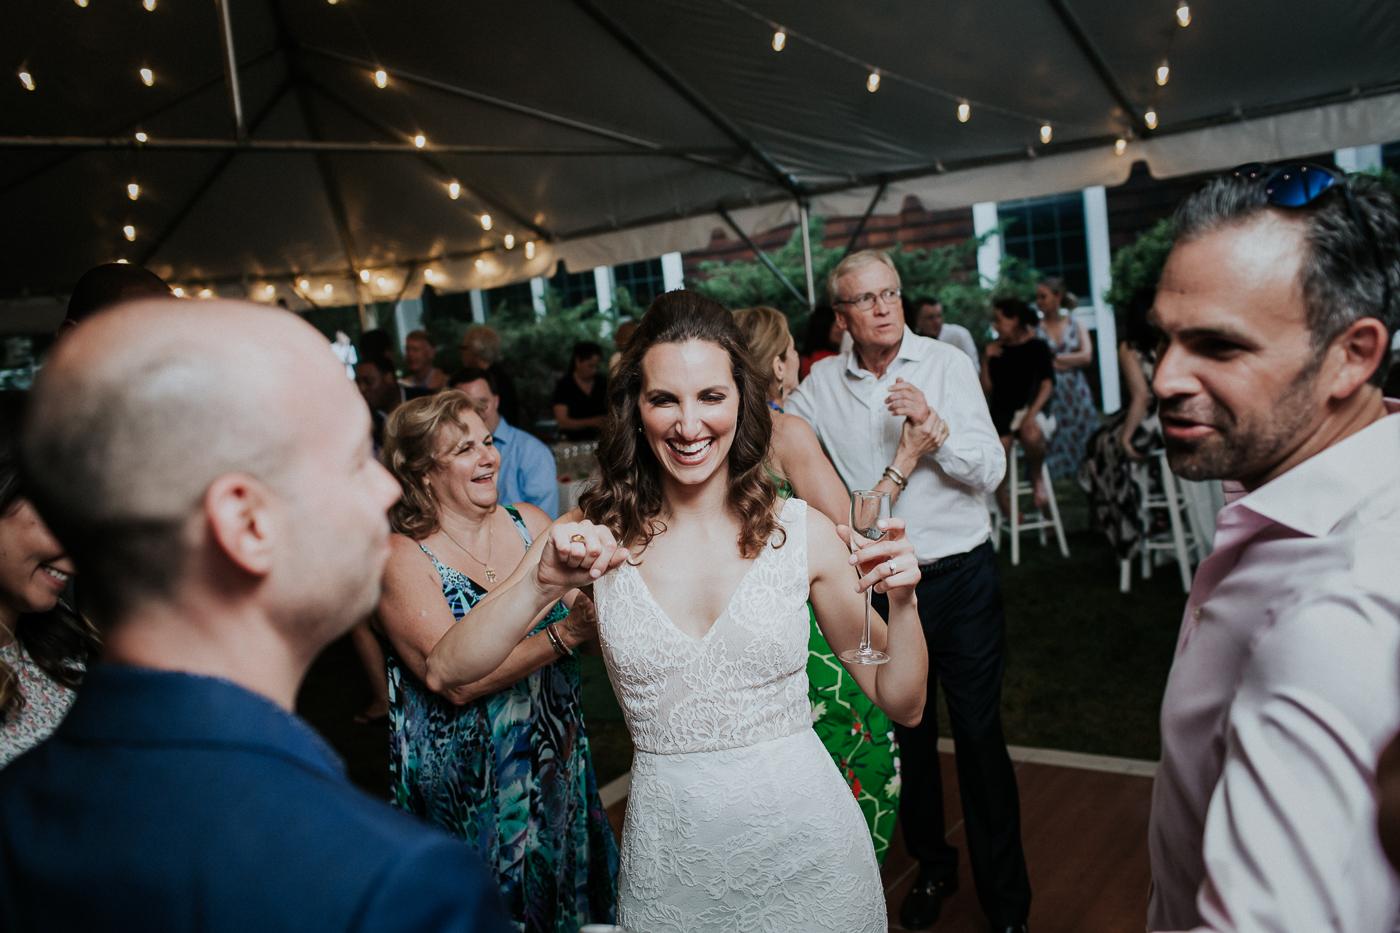 Westchester-New-York-Intimate-Backyard-Garden-Documentary-Wedding-Photographer-34.jpg